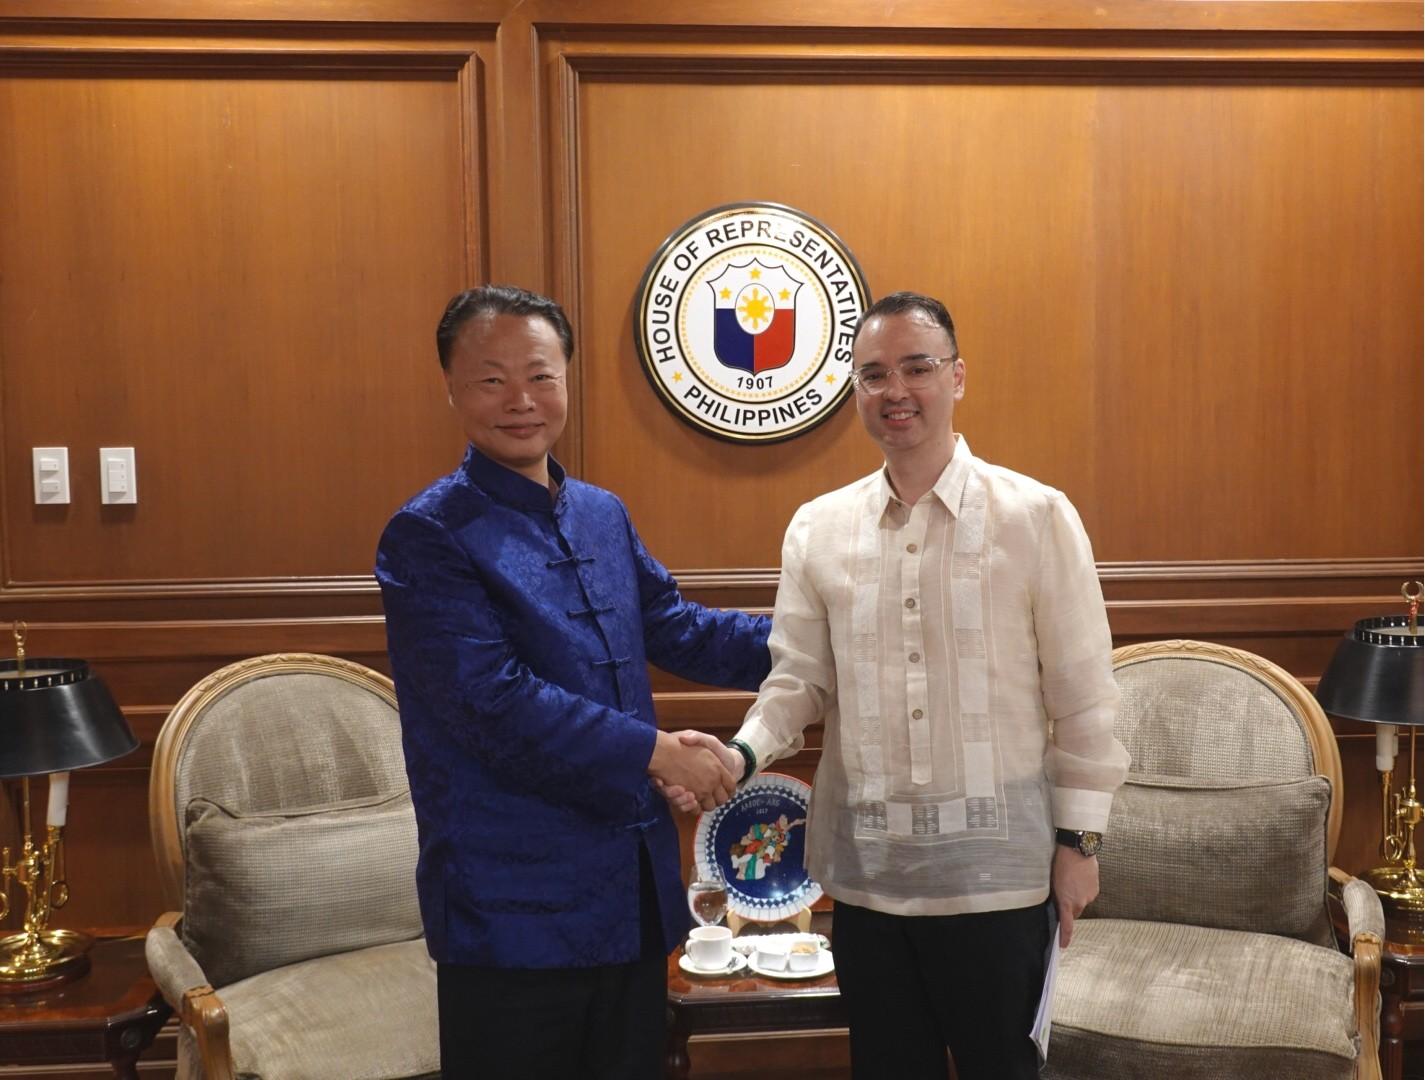 菲律宾前外长卡亚塔诺当选众议长 中国全国人大常委会委员长致贺电